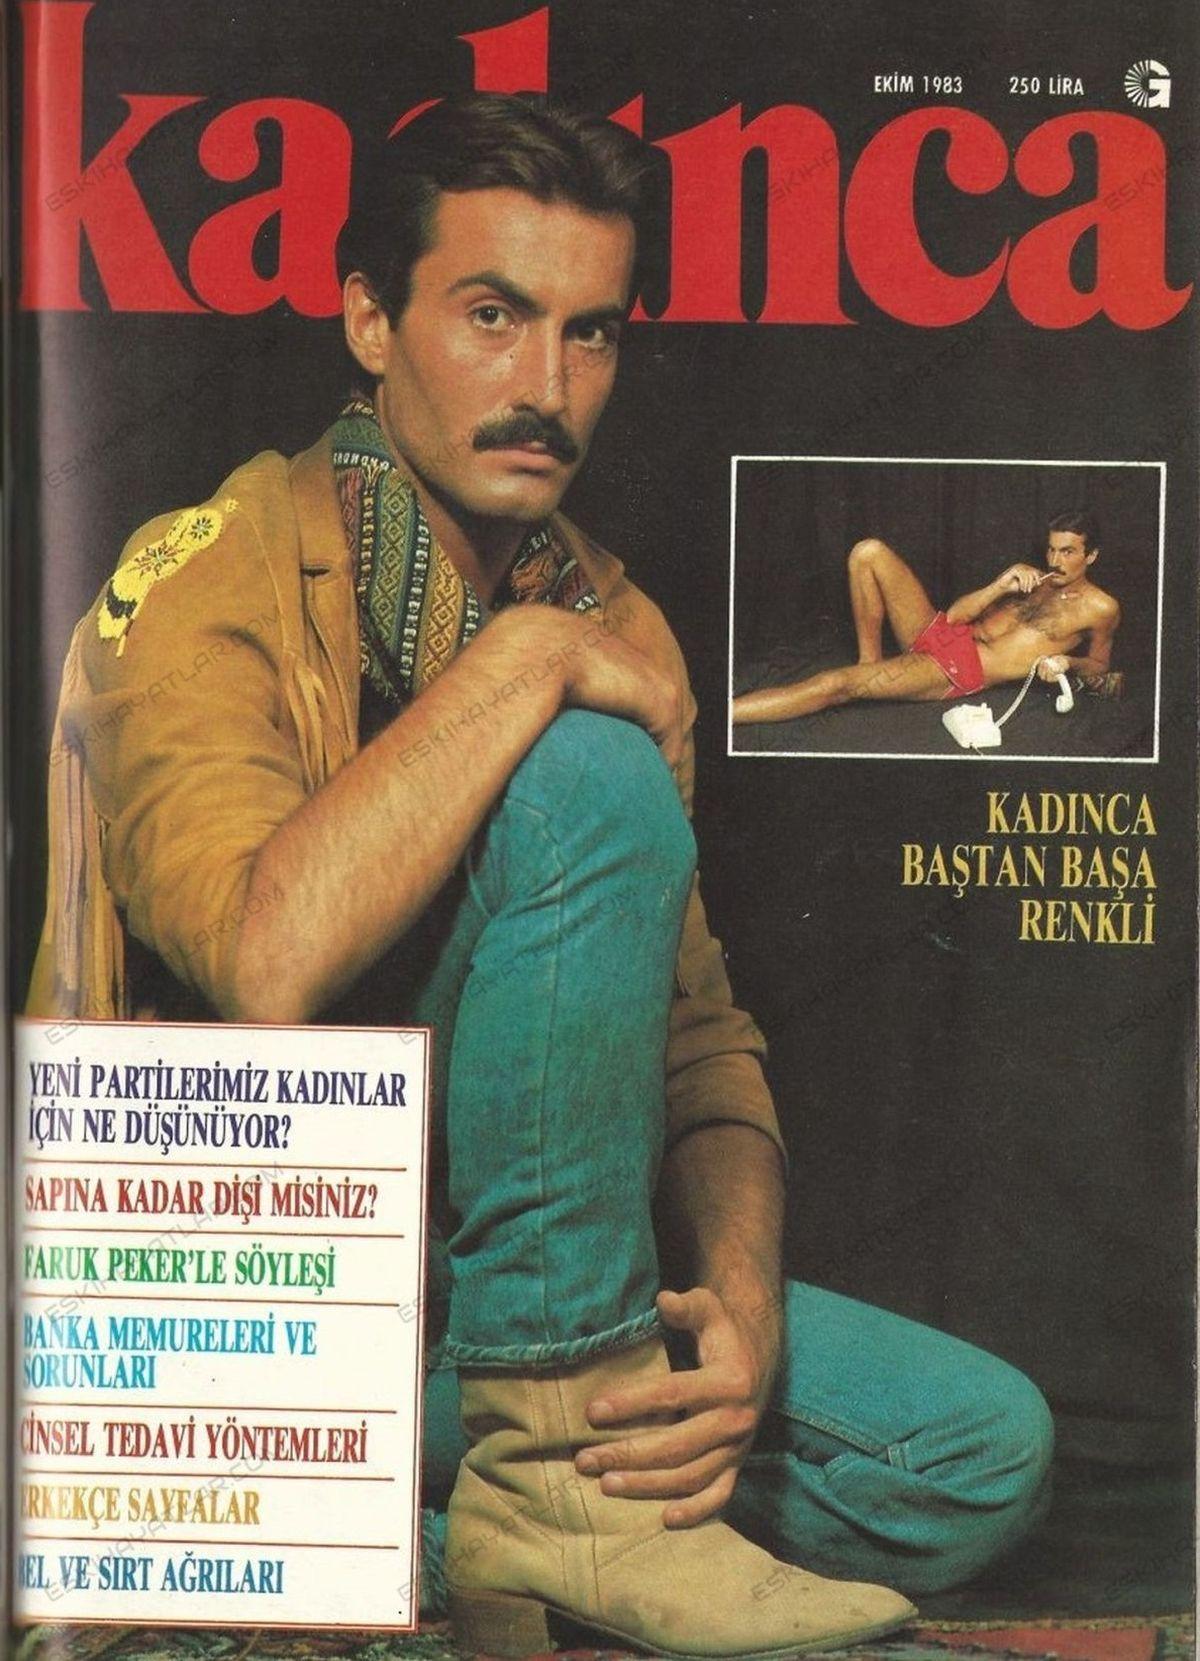 faruk-peker-herkese-evlenme-teklifi-ediyorum-1983-kadinca-dergisi (3)